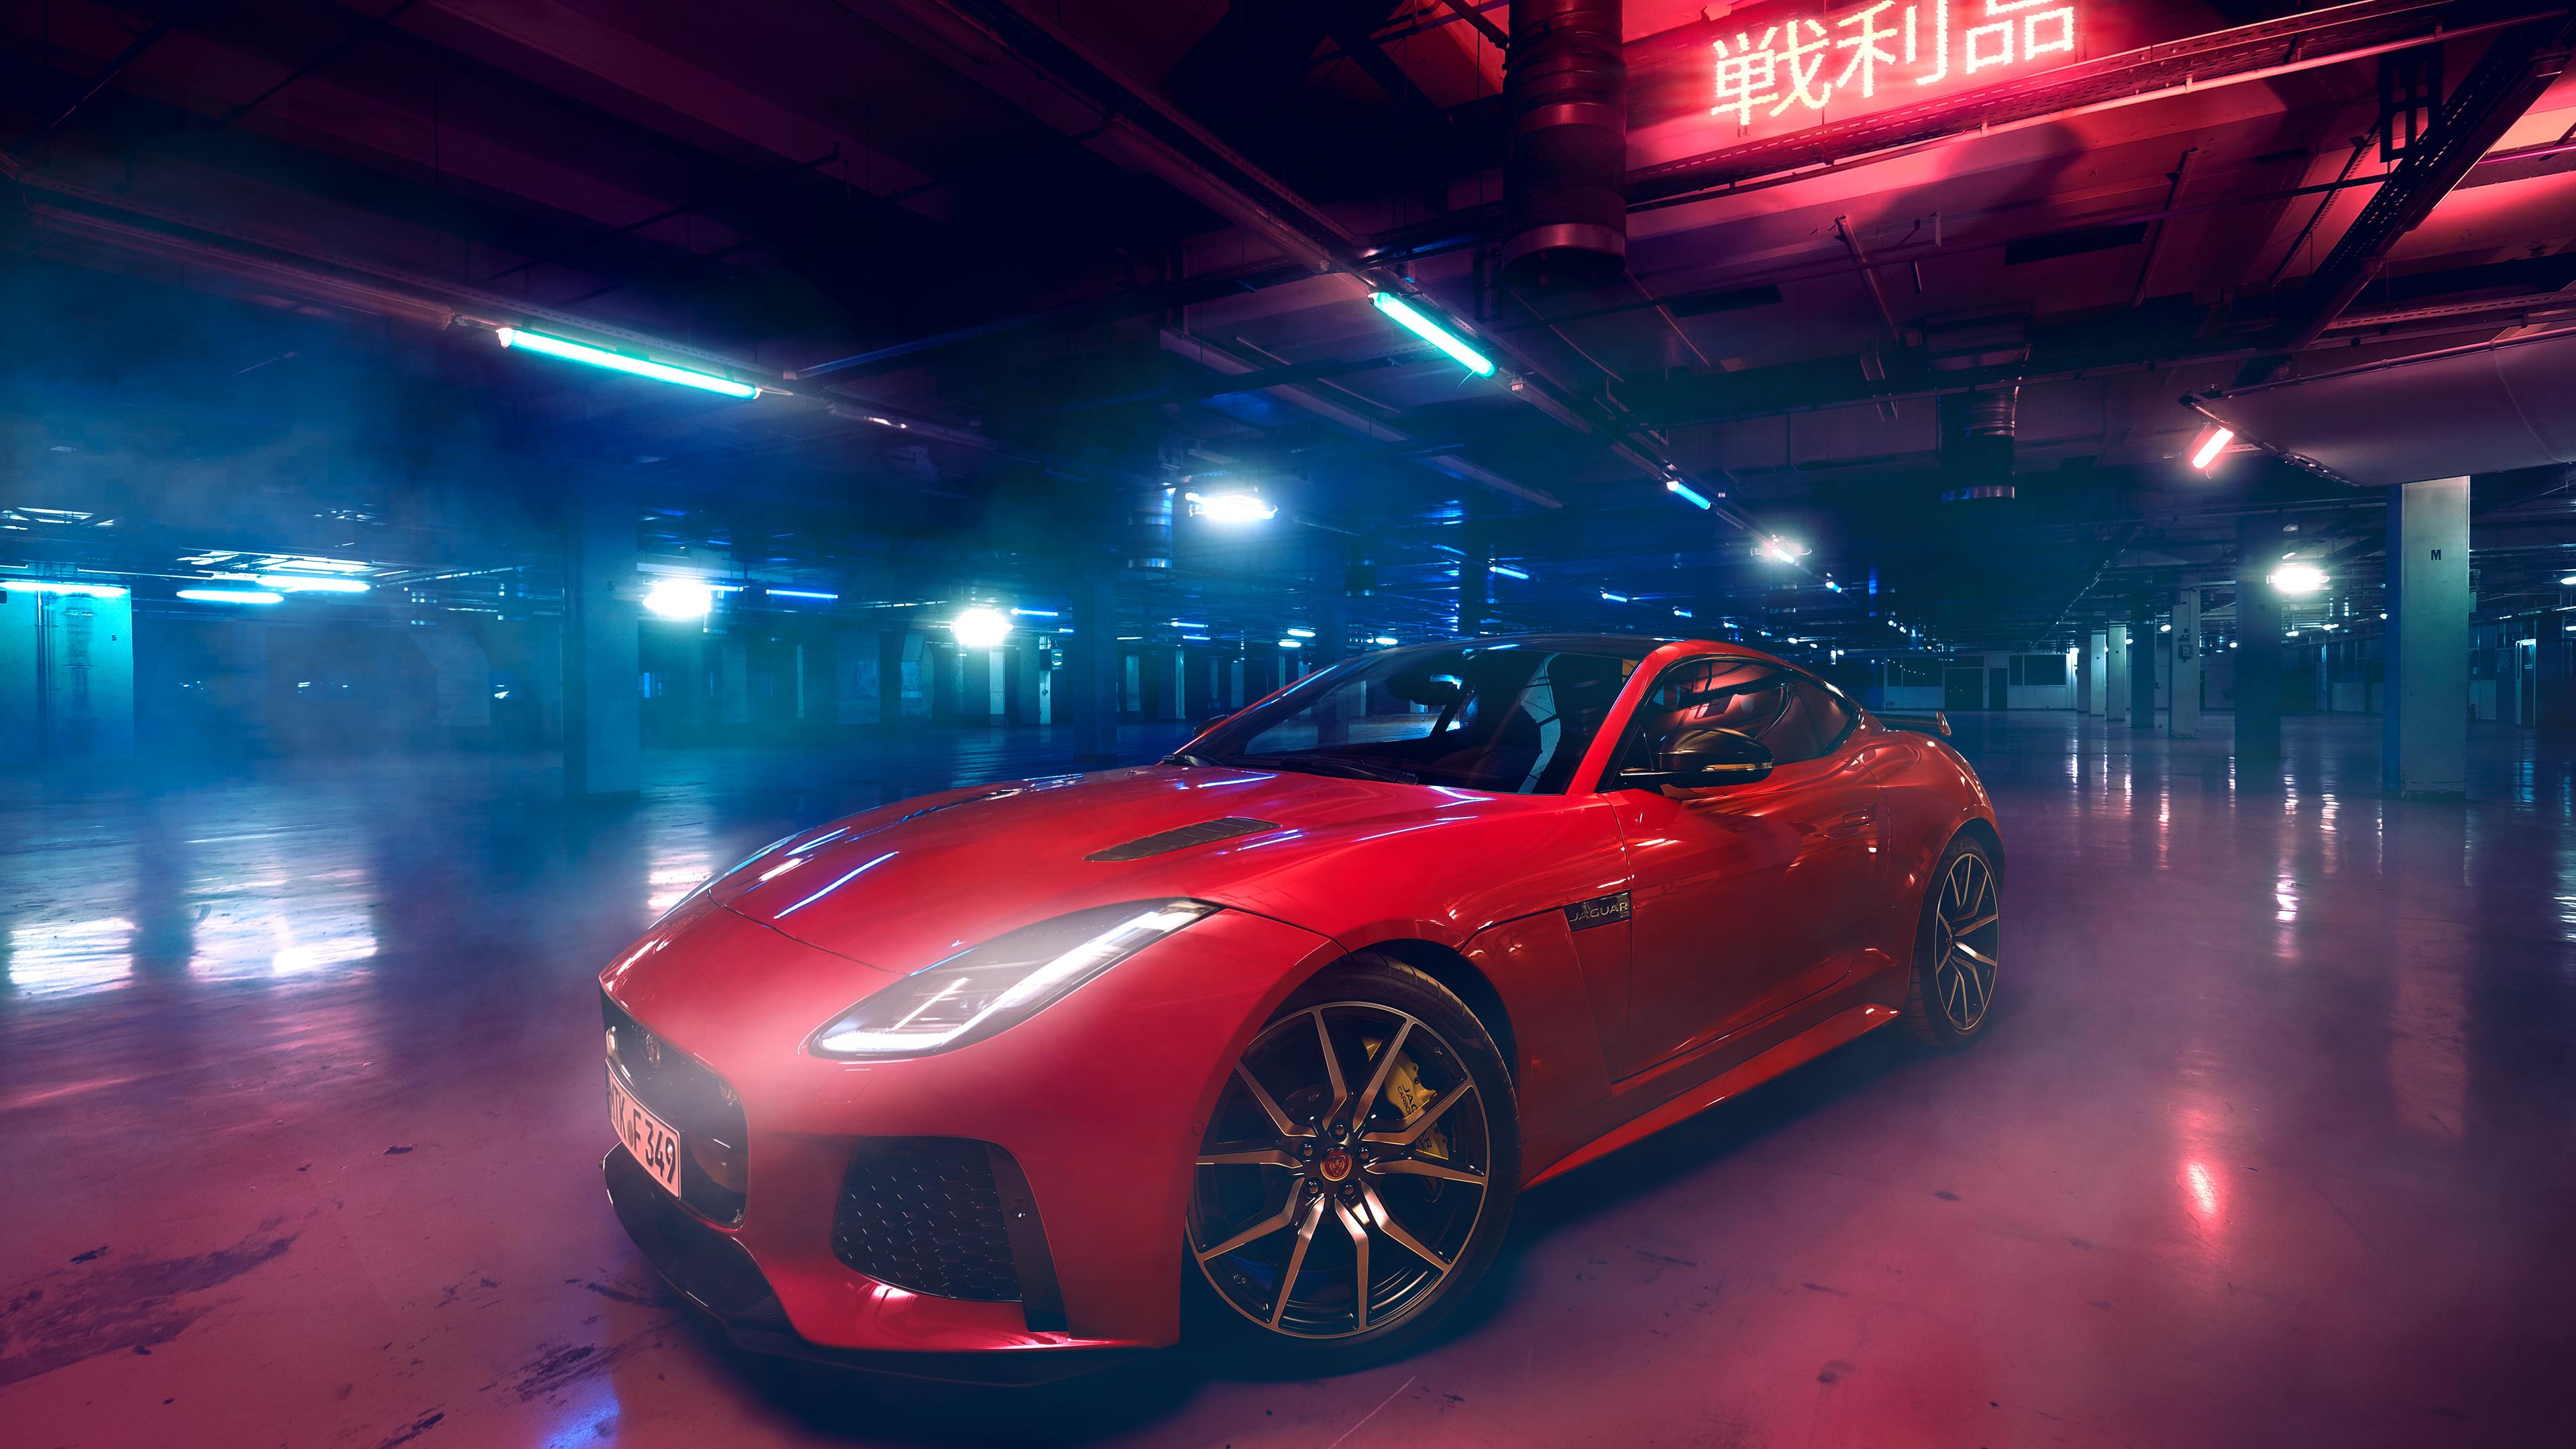 Wallpaper 4k Jaguar F Type 2018 4k 2018 Cars Wallpapers 4k